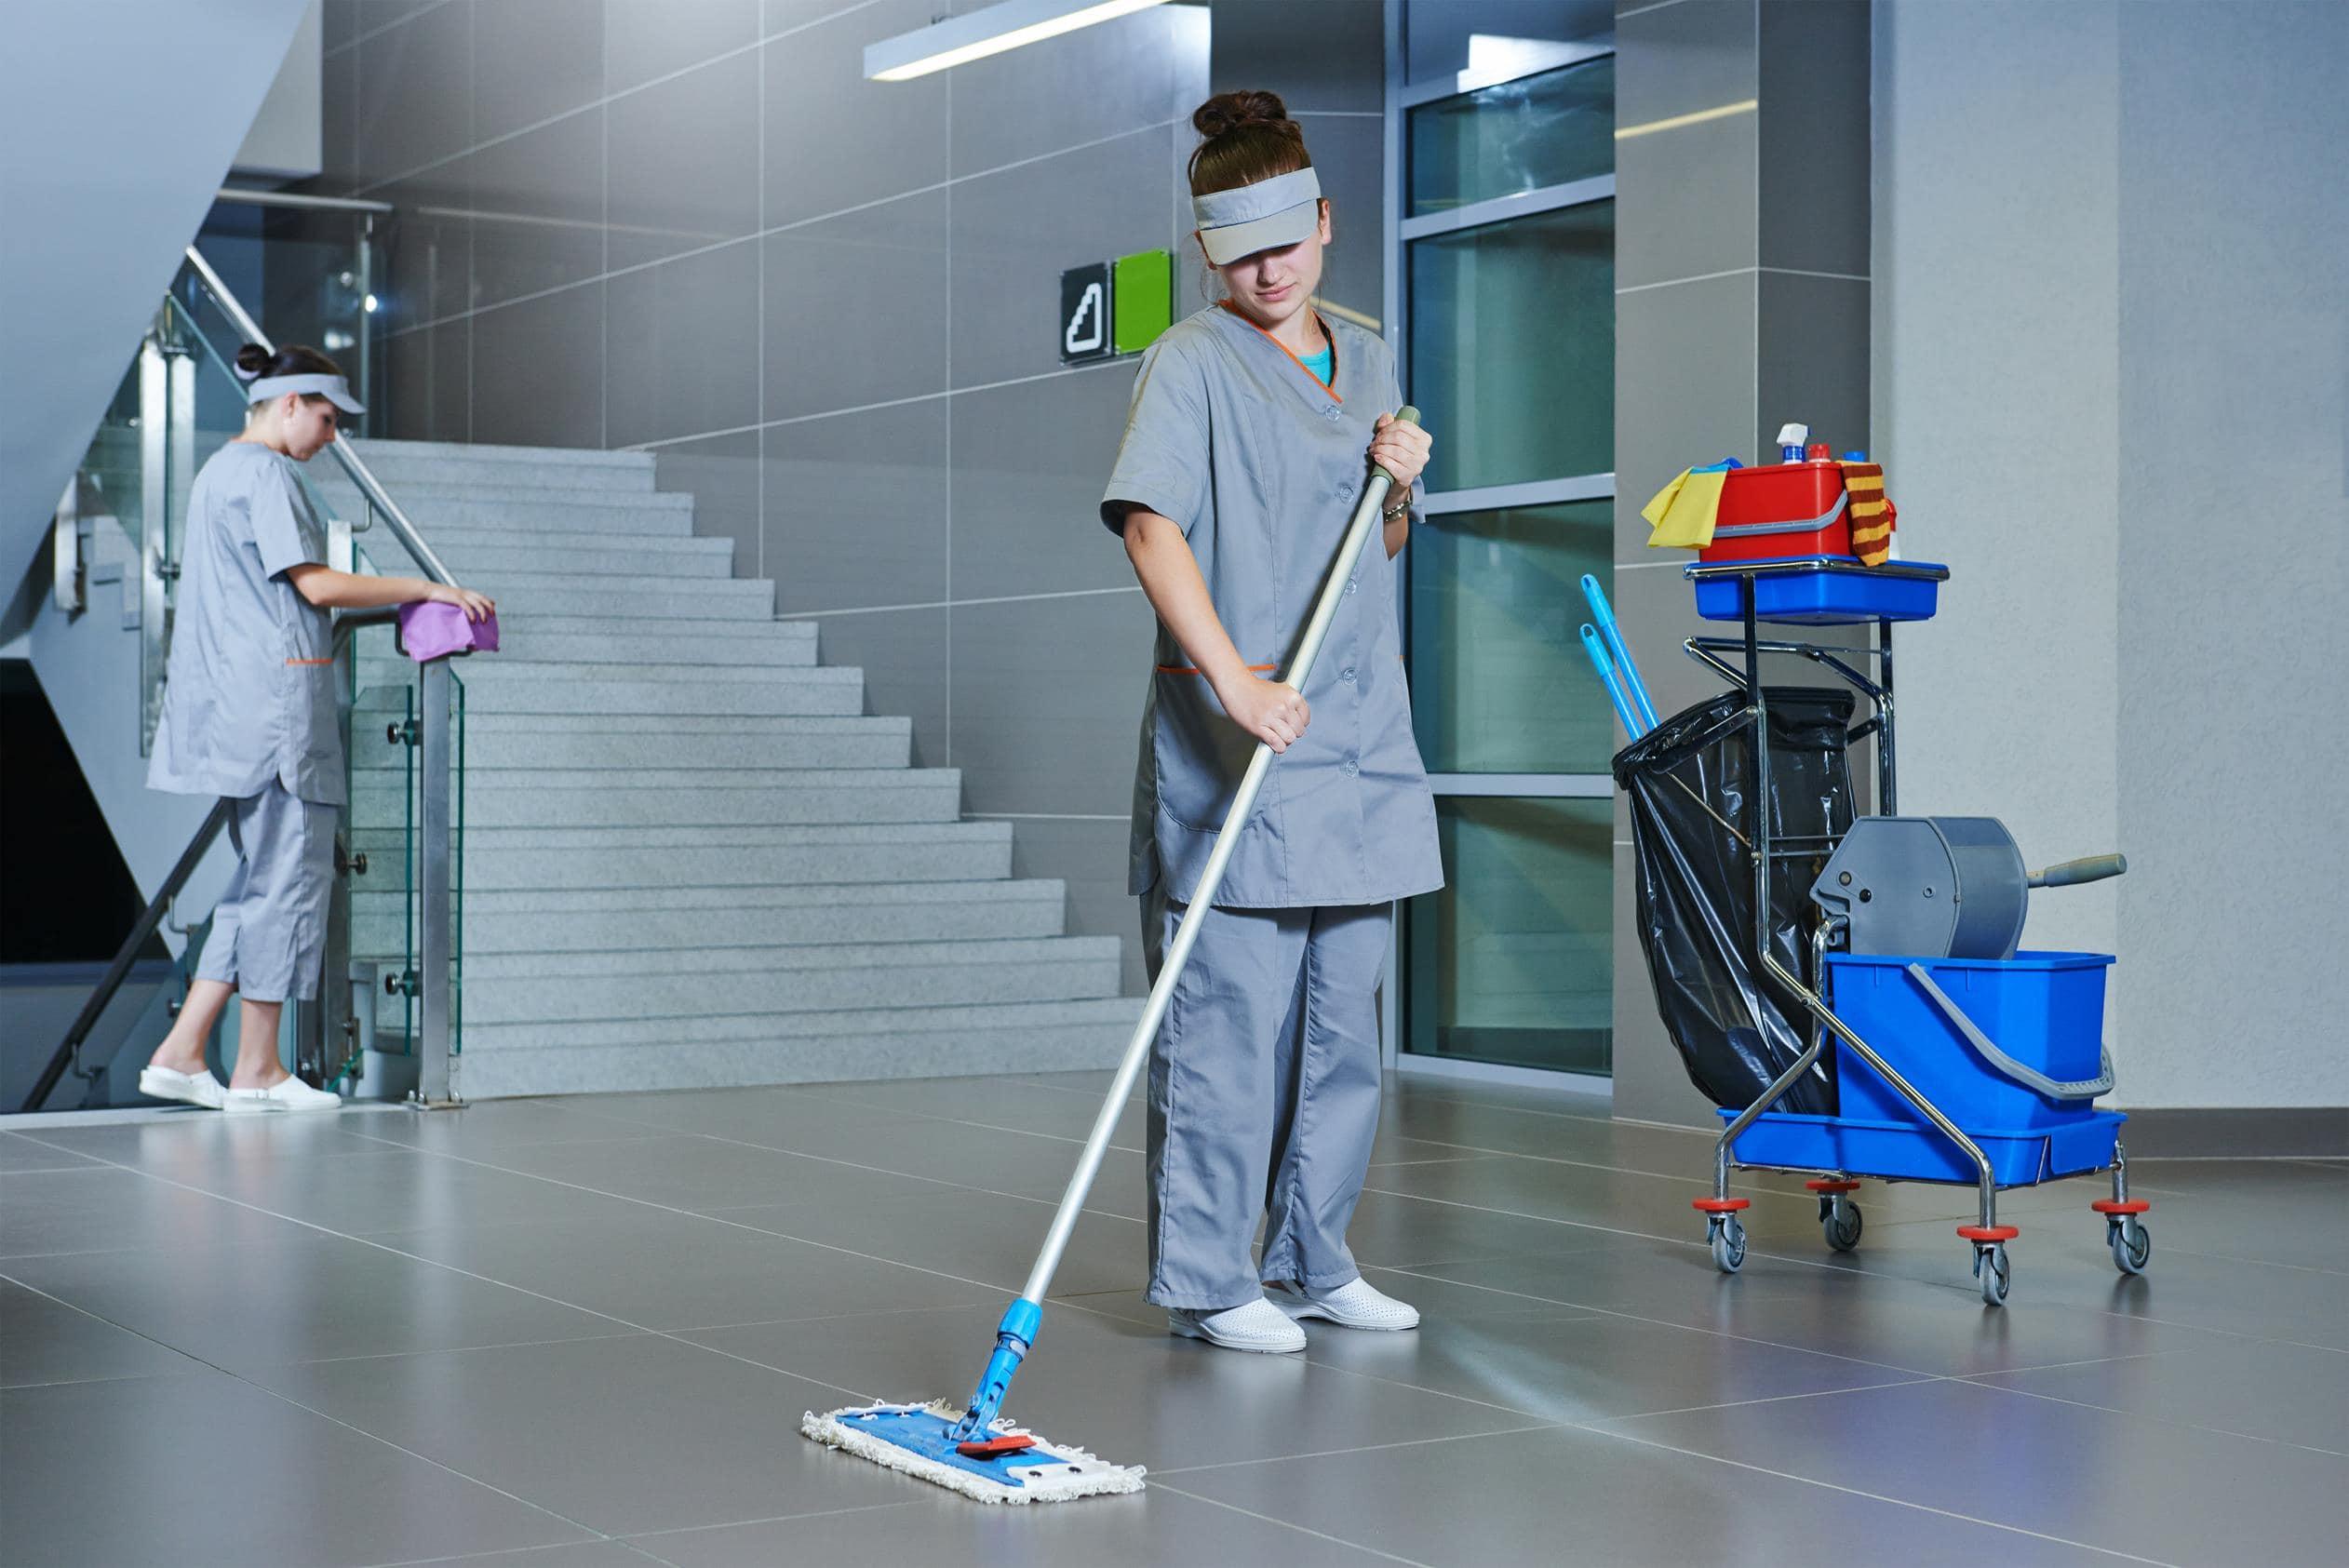 Gebäudereinigung, Reinigungsfirma, Unterhaltsreinigung, Büroreinigung, Reinigung Büro, Reinigung Gebäude, Treppenhausreinigung, Sonderreinigung, Bauendreinigung, Glasreinigung